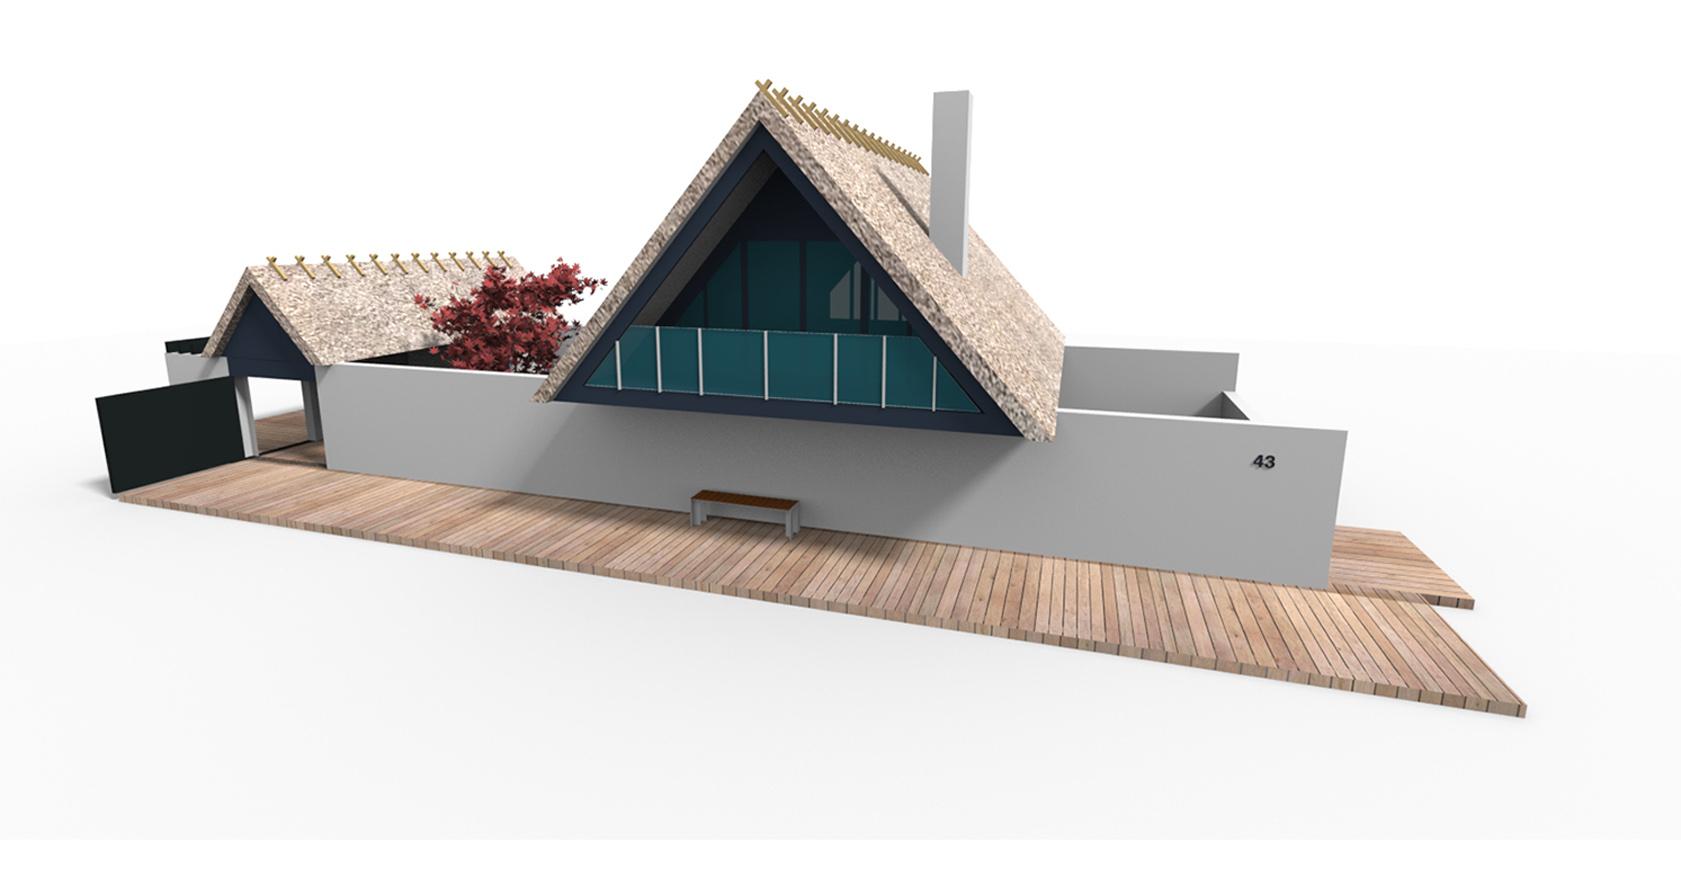 Visualisering af fritidshus, arkitekttegnet